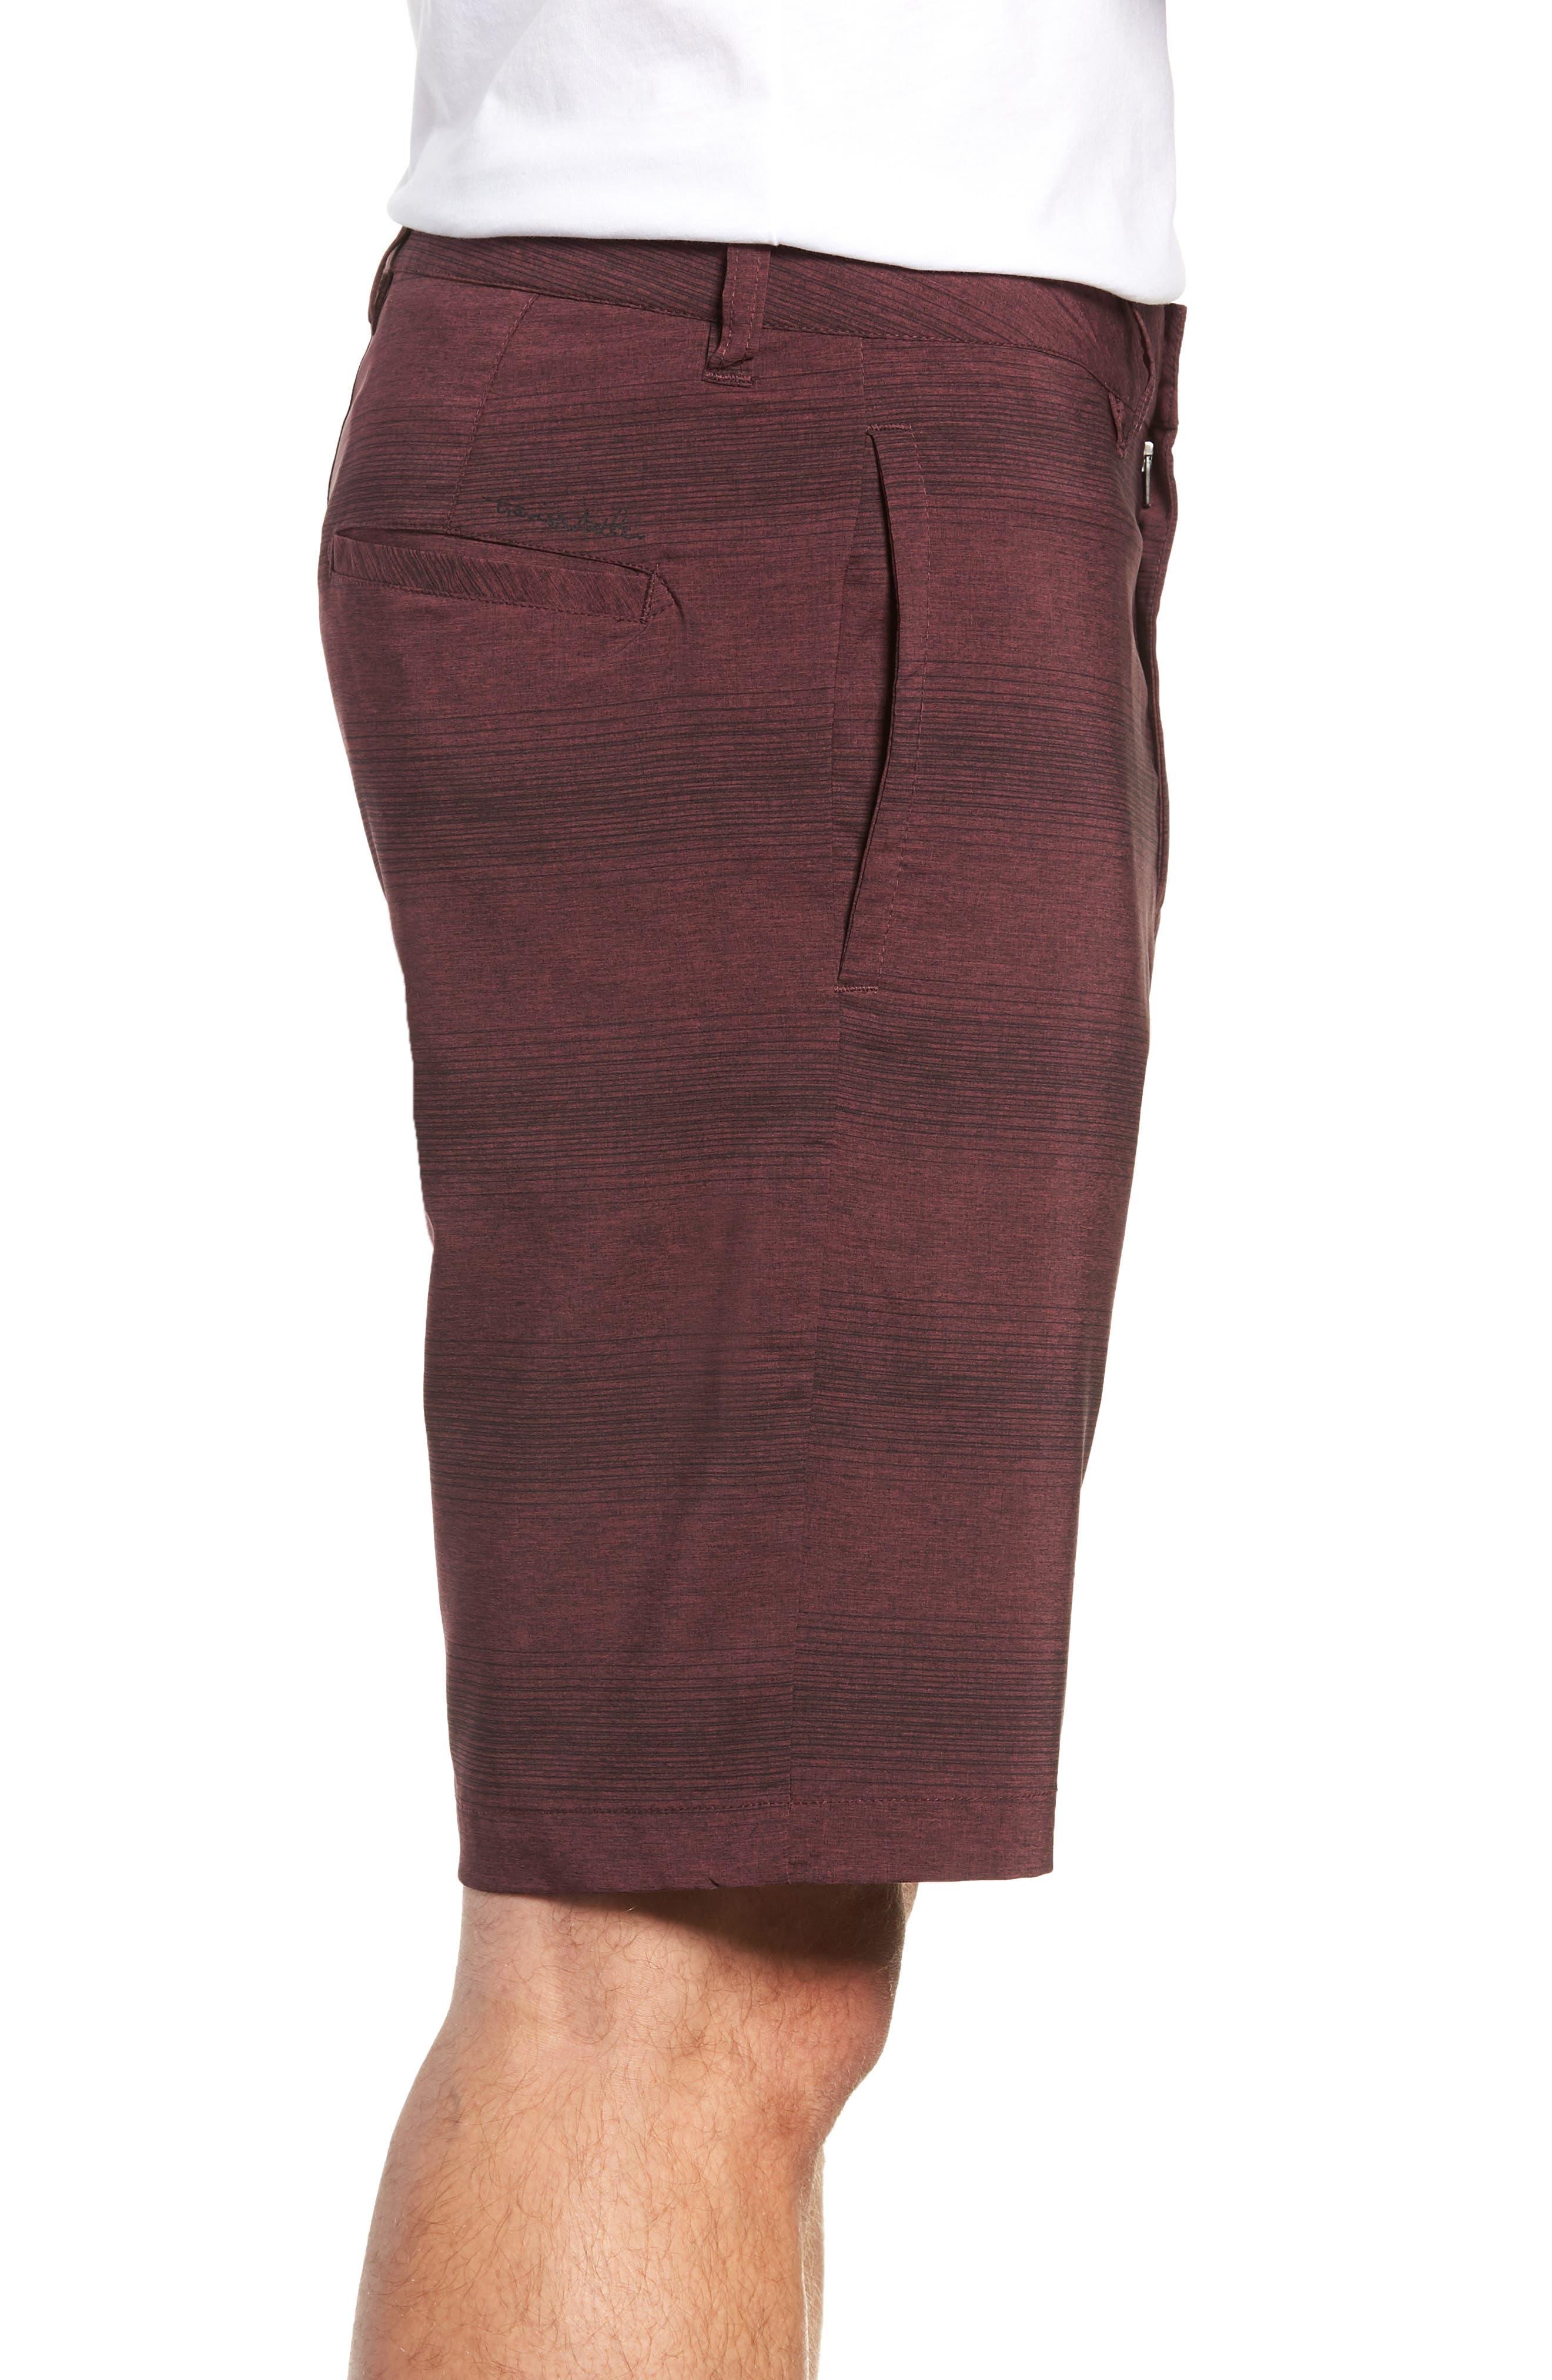 Tepic Shorts,                             Alternate thumbnail 5, color,                             Winetasting/ Black